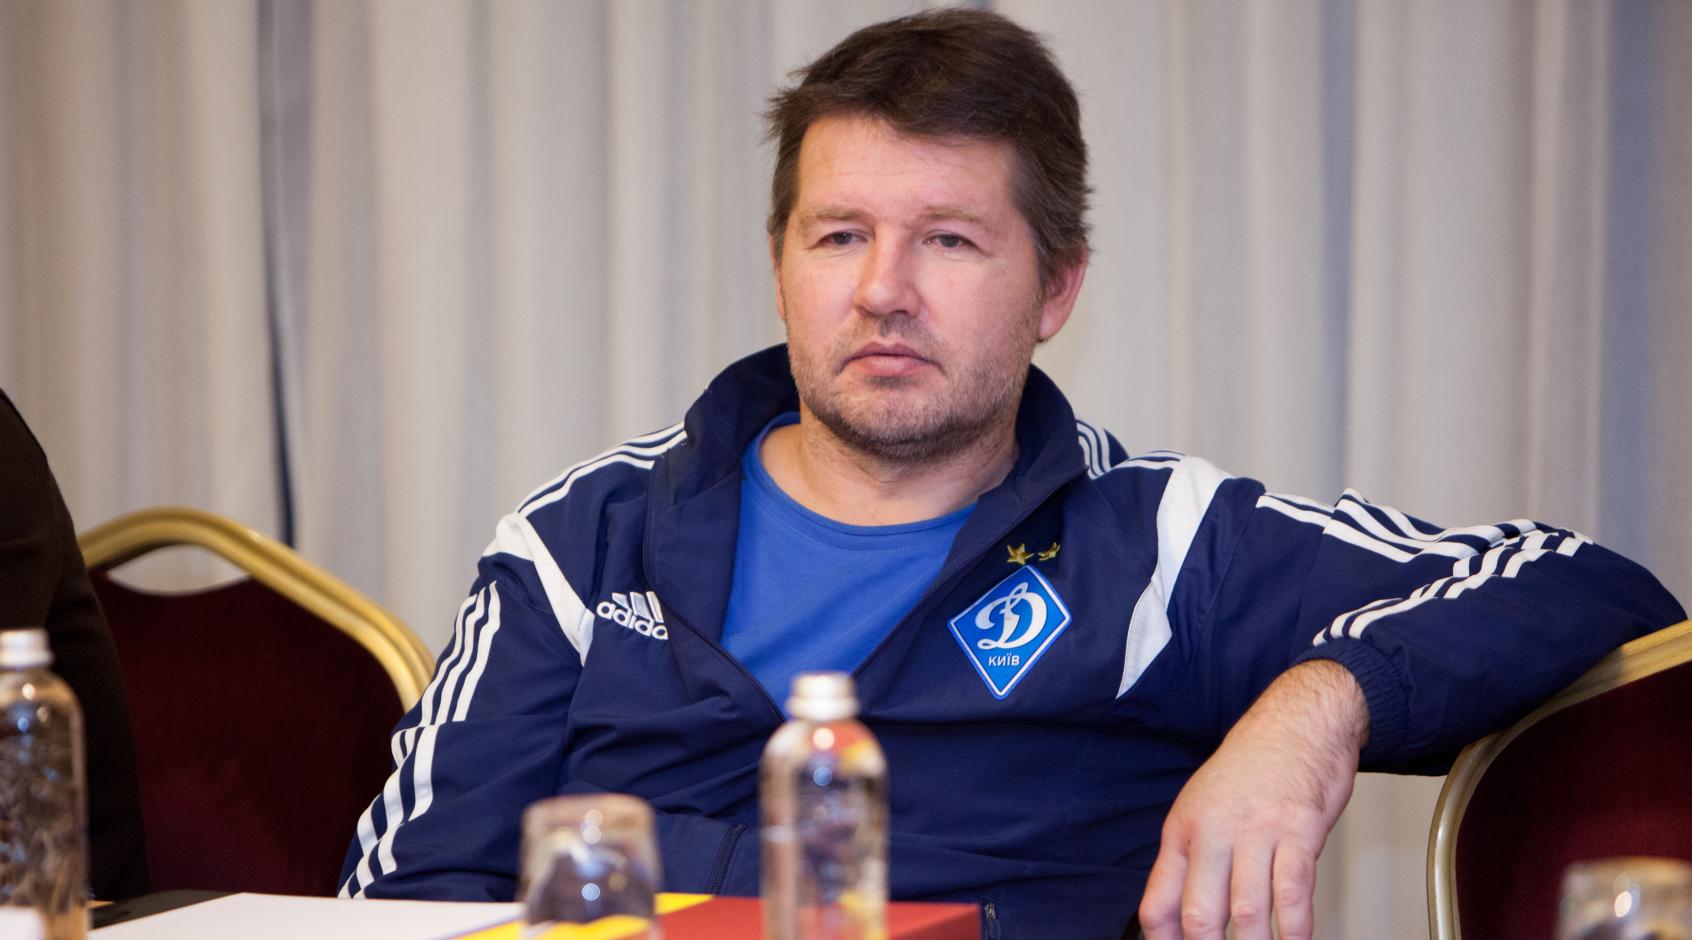 """Олег Саленко: """"Супряга не бежит, как Беланов, но, все равно, бежит хорошо"""""""